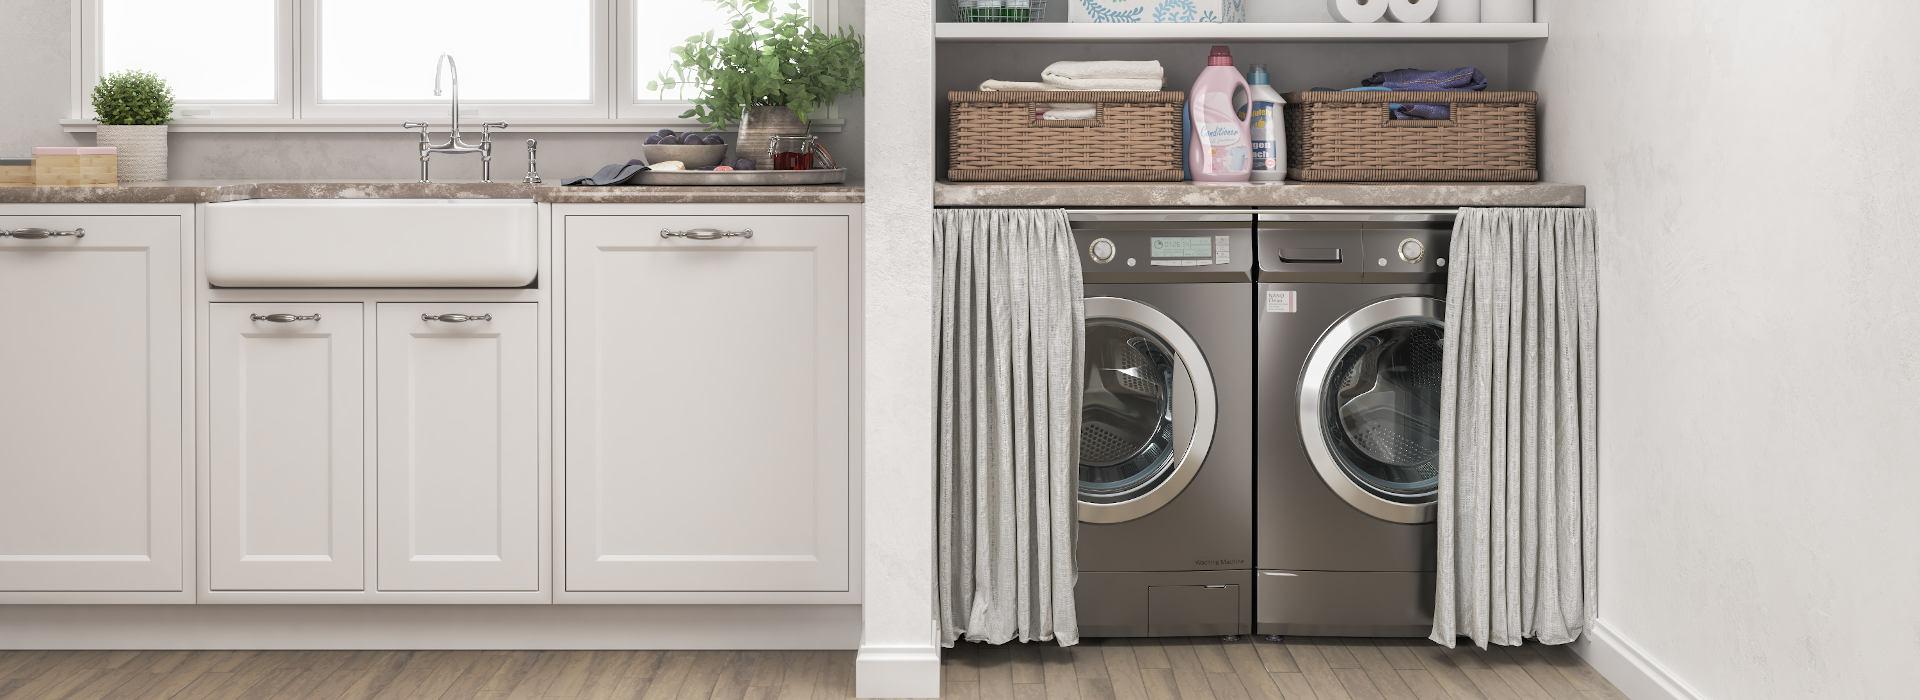 lavatrici-asciugatrici-galli-e-villarecci-arezzo